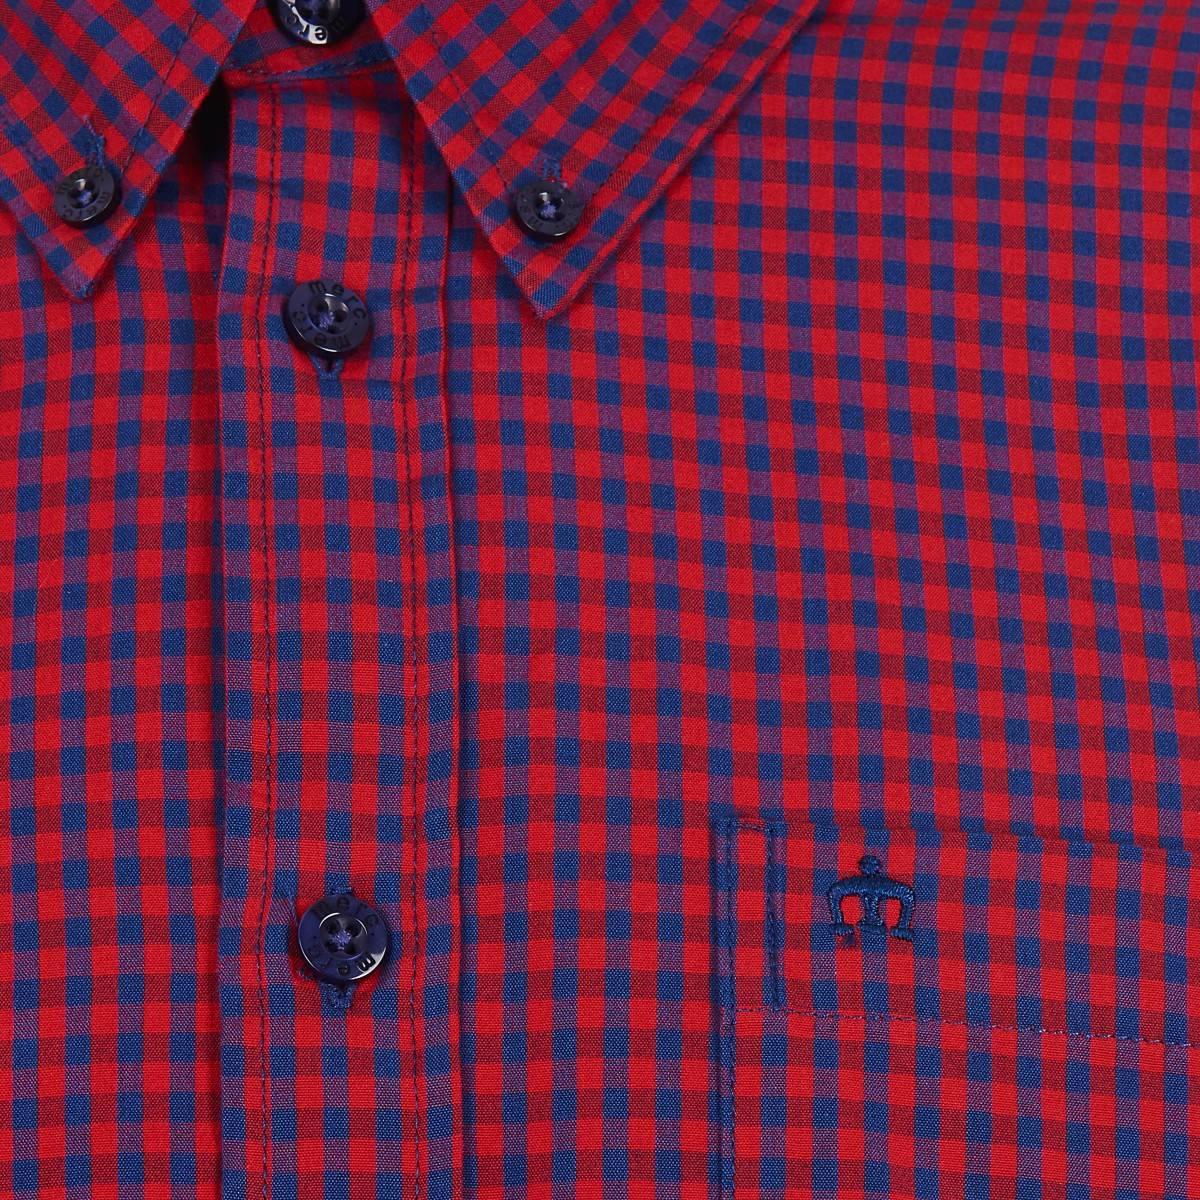 Рубашка Terry от MercLondon